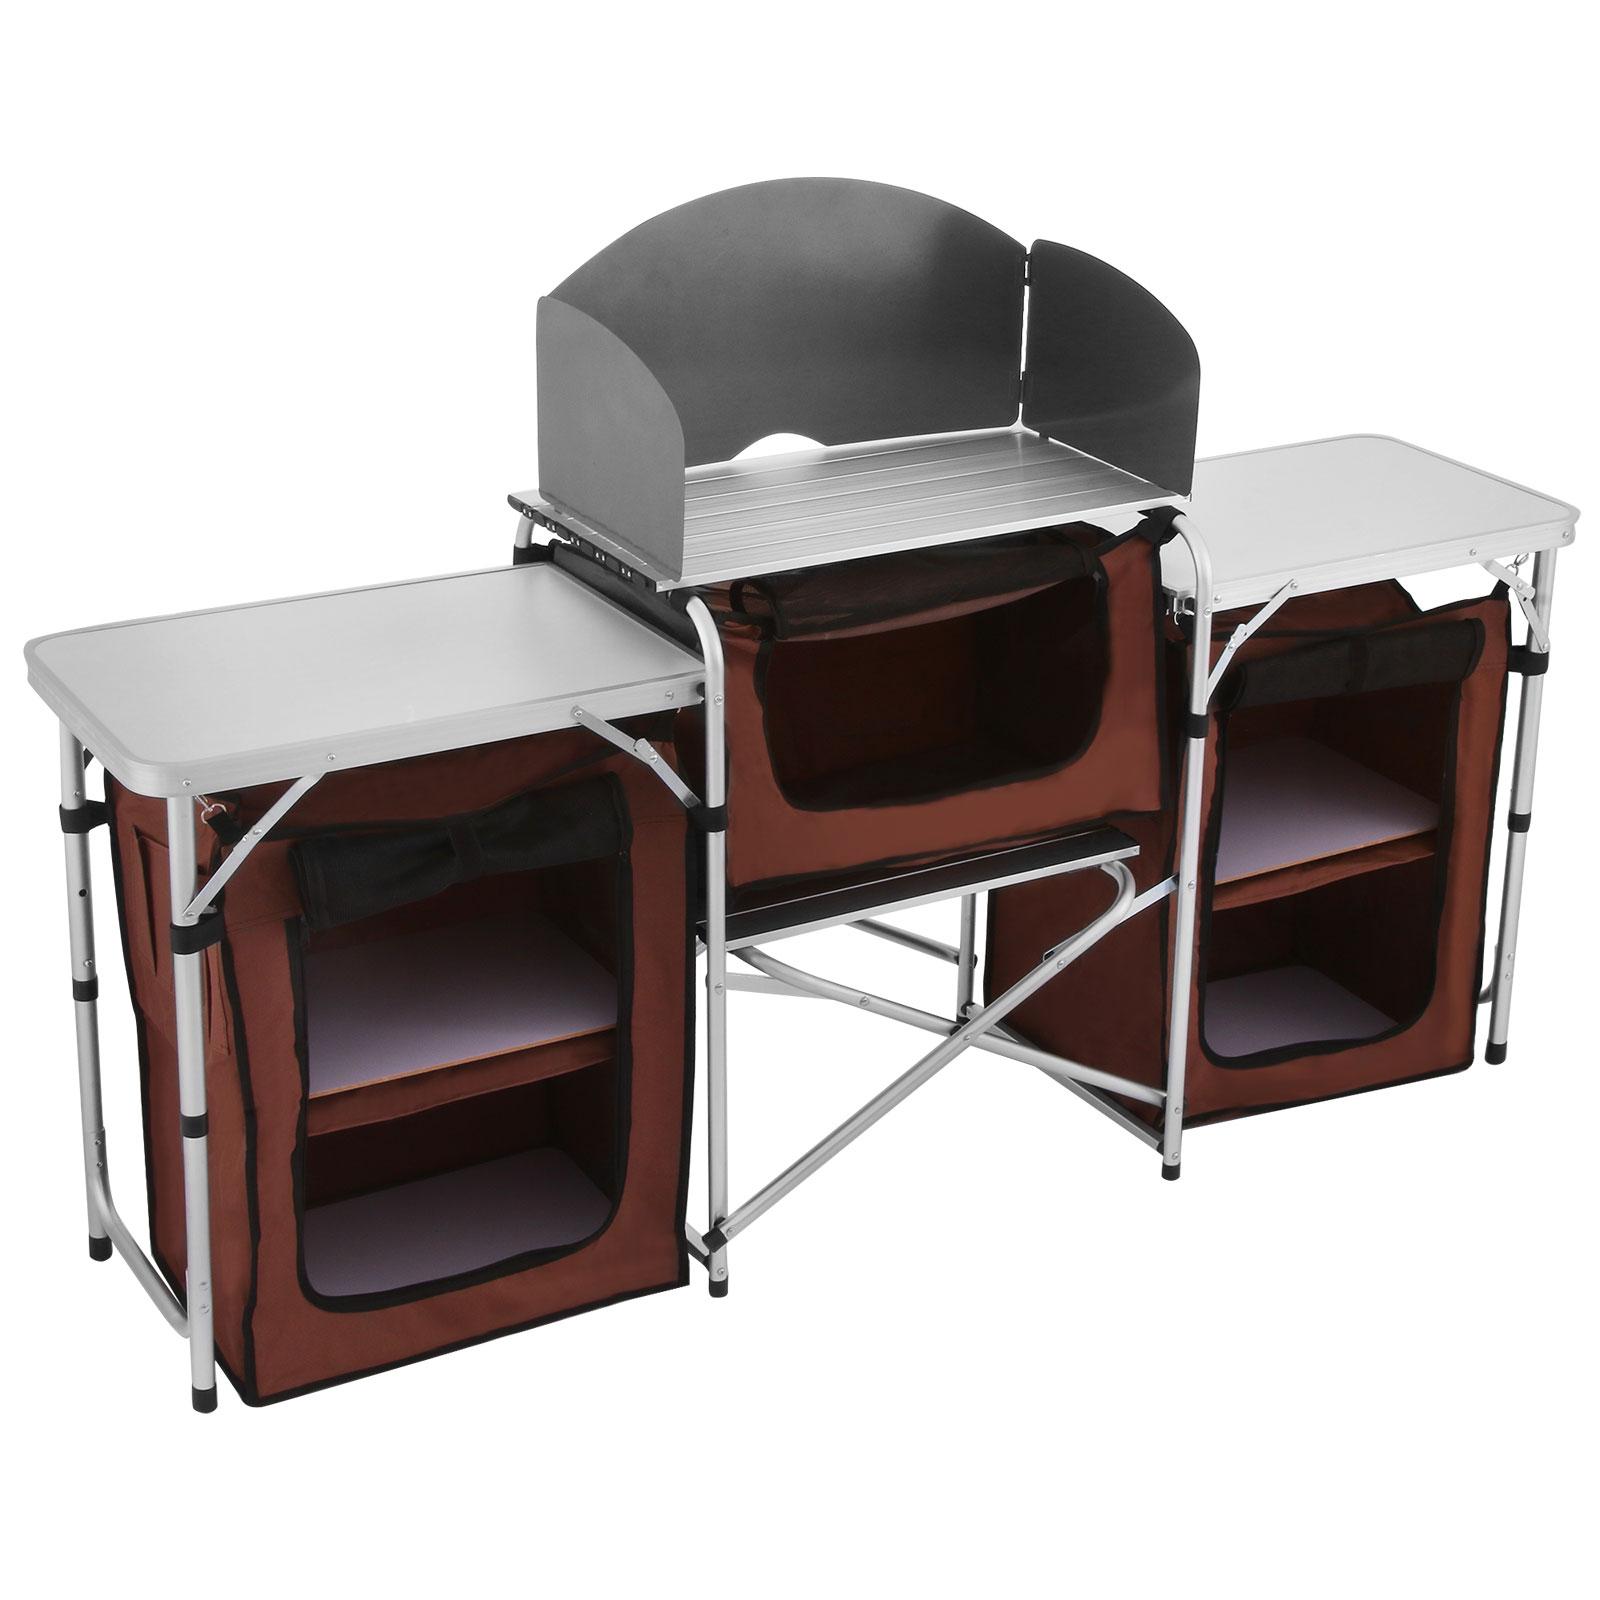 Campingkuche kocherschrank kuchenschrank bbq camping for H he küchenschrank